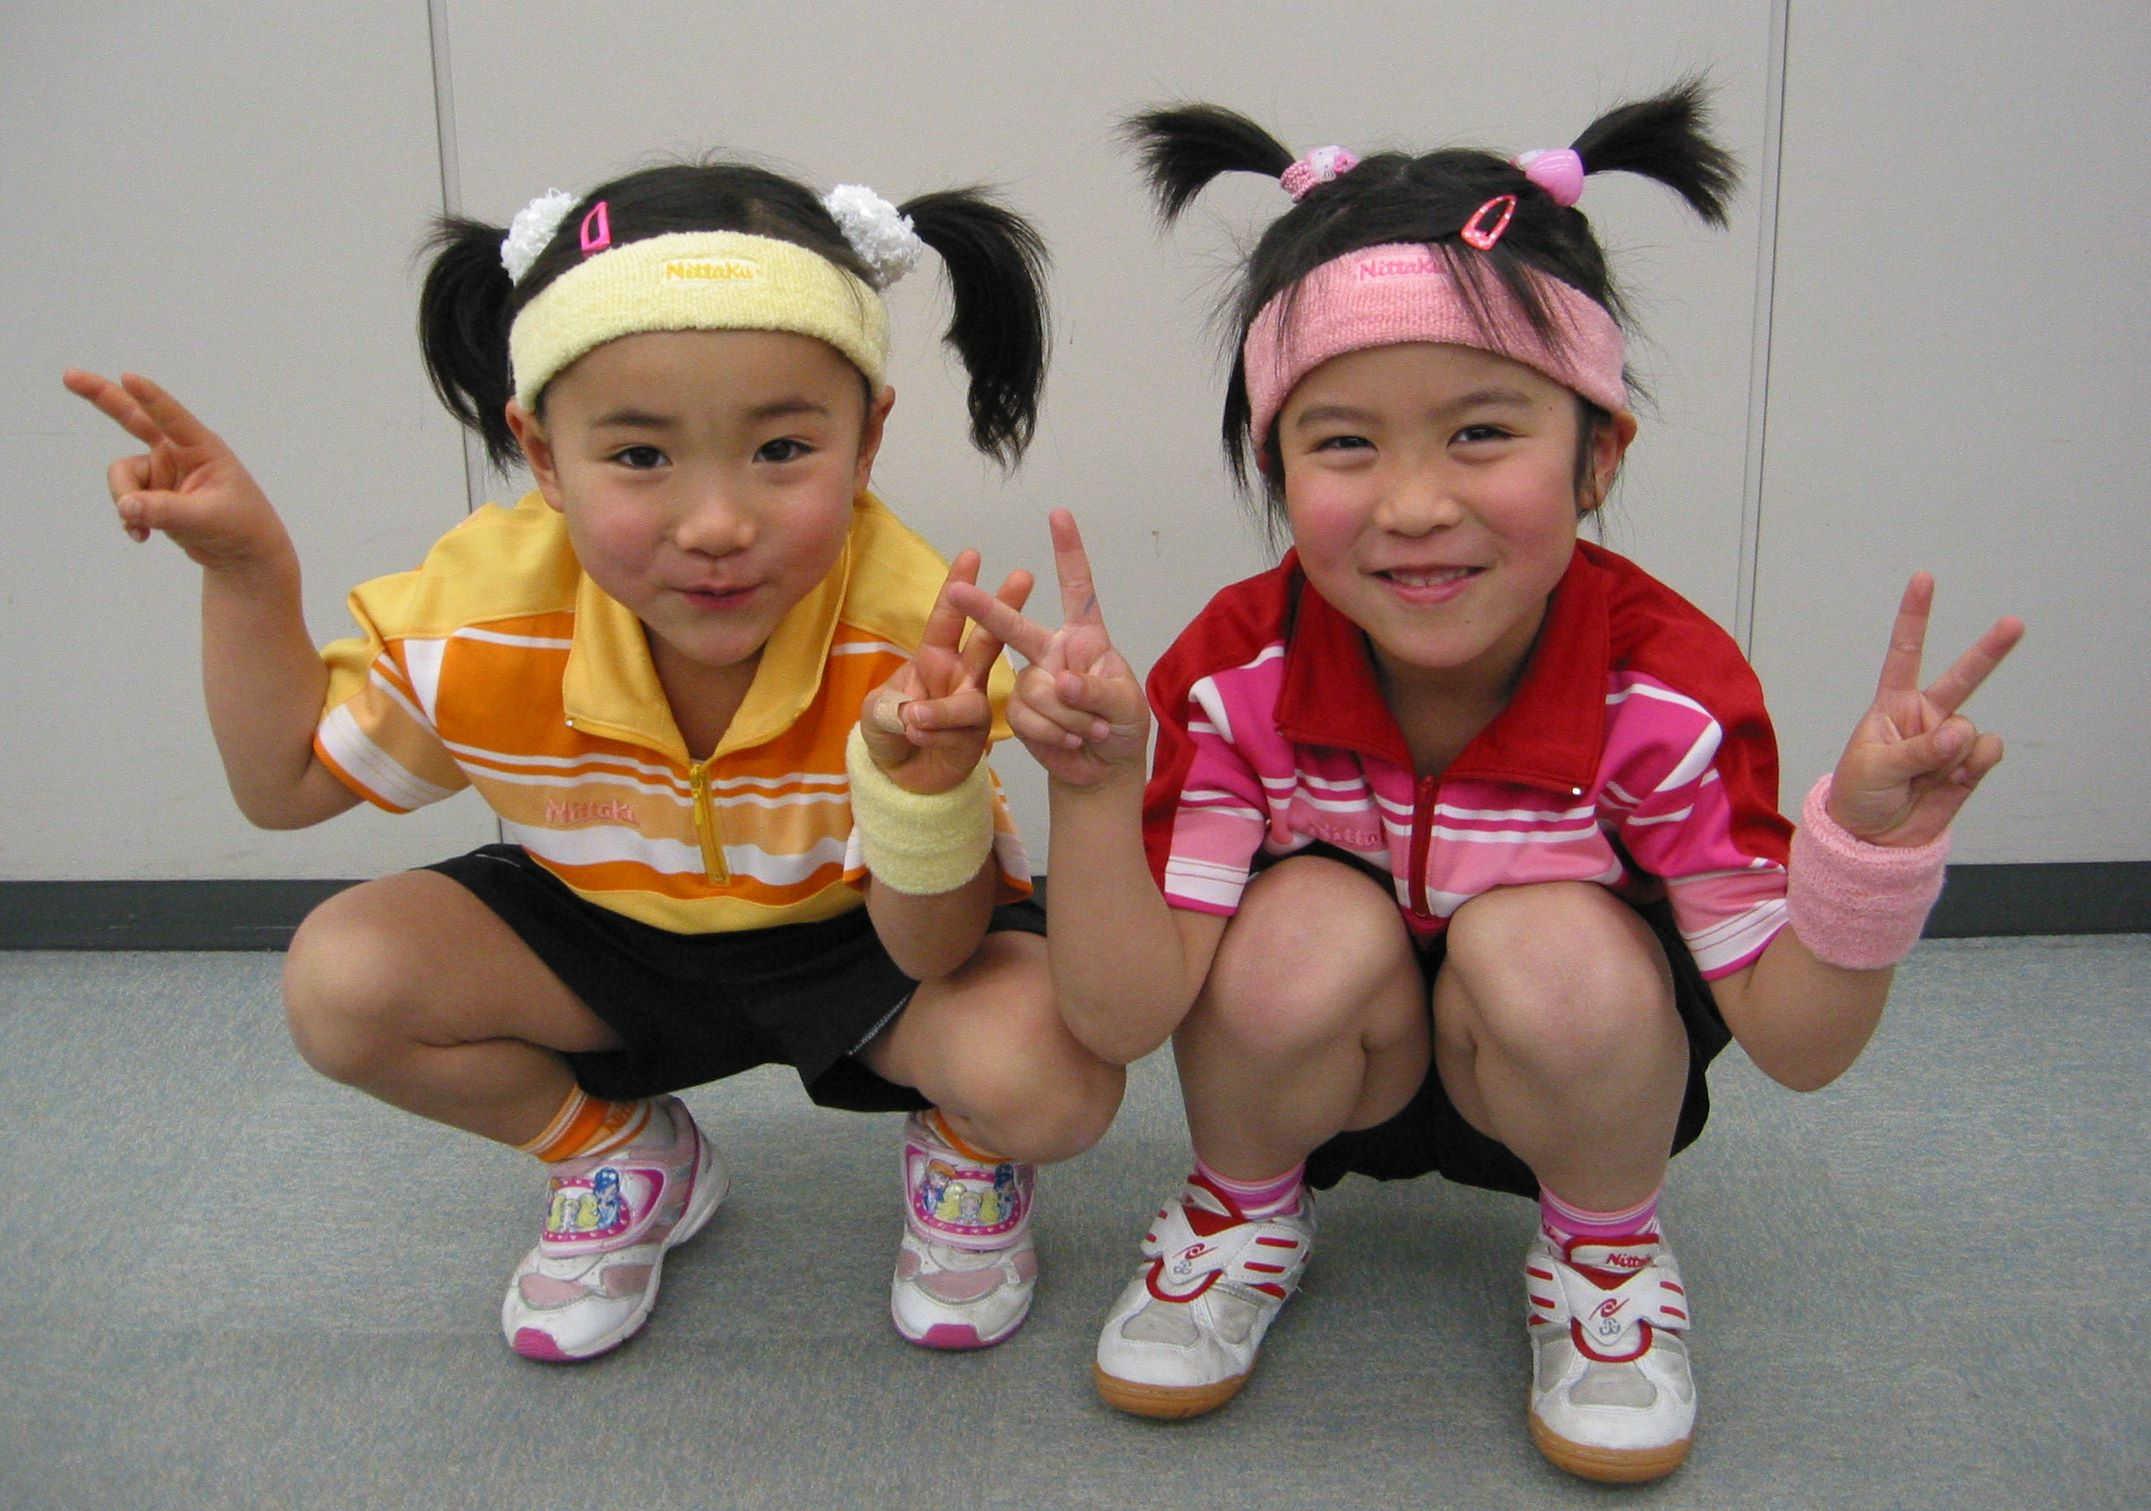 共に歩む 2020東京五輪パラ 静岡から 世界へ 未来へ=卓球 伊藤美 ...